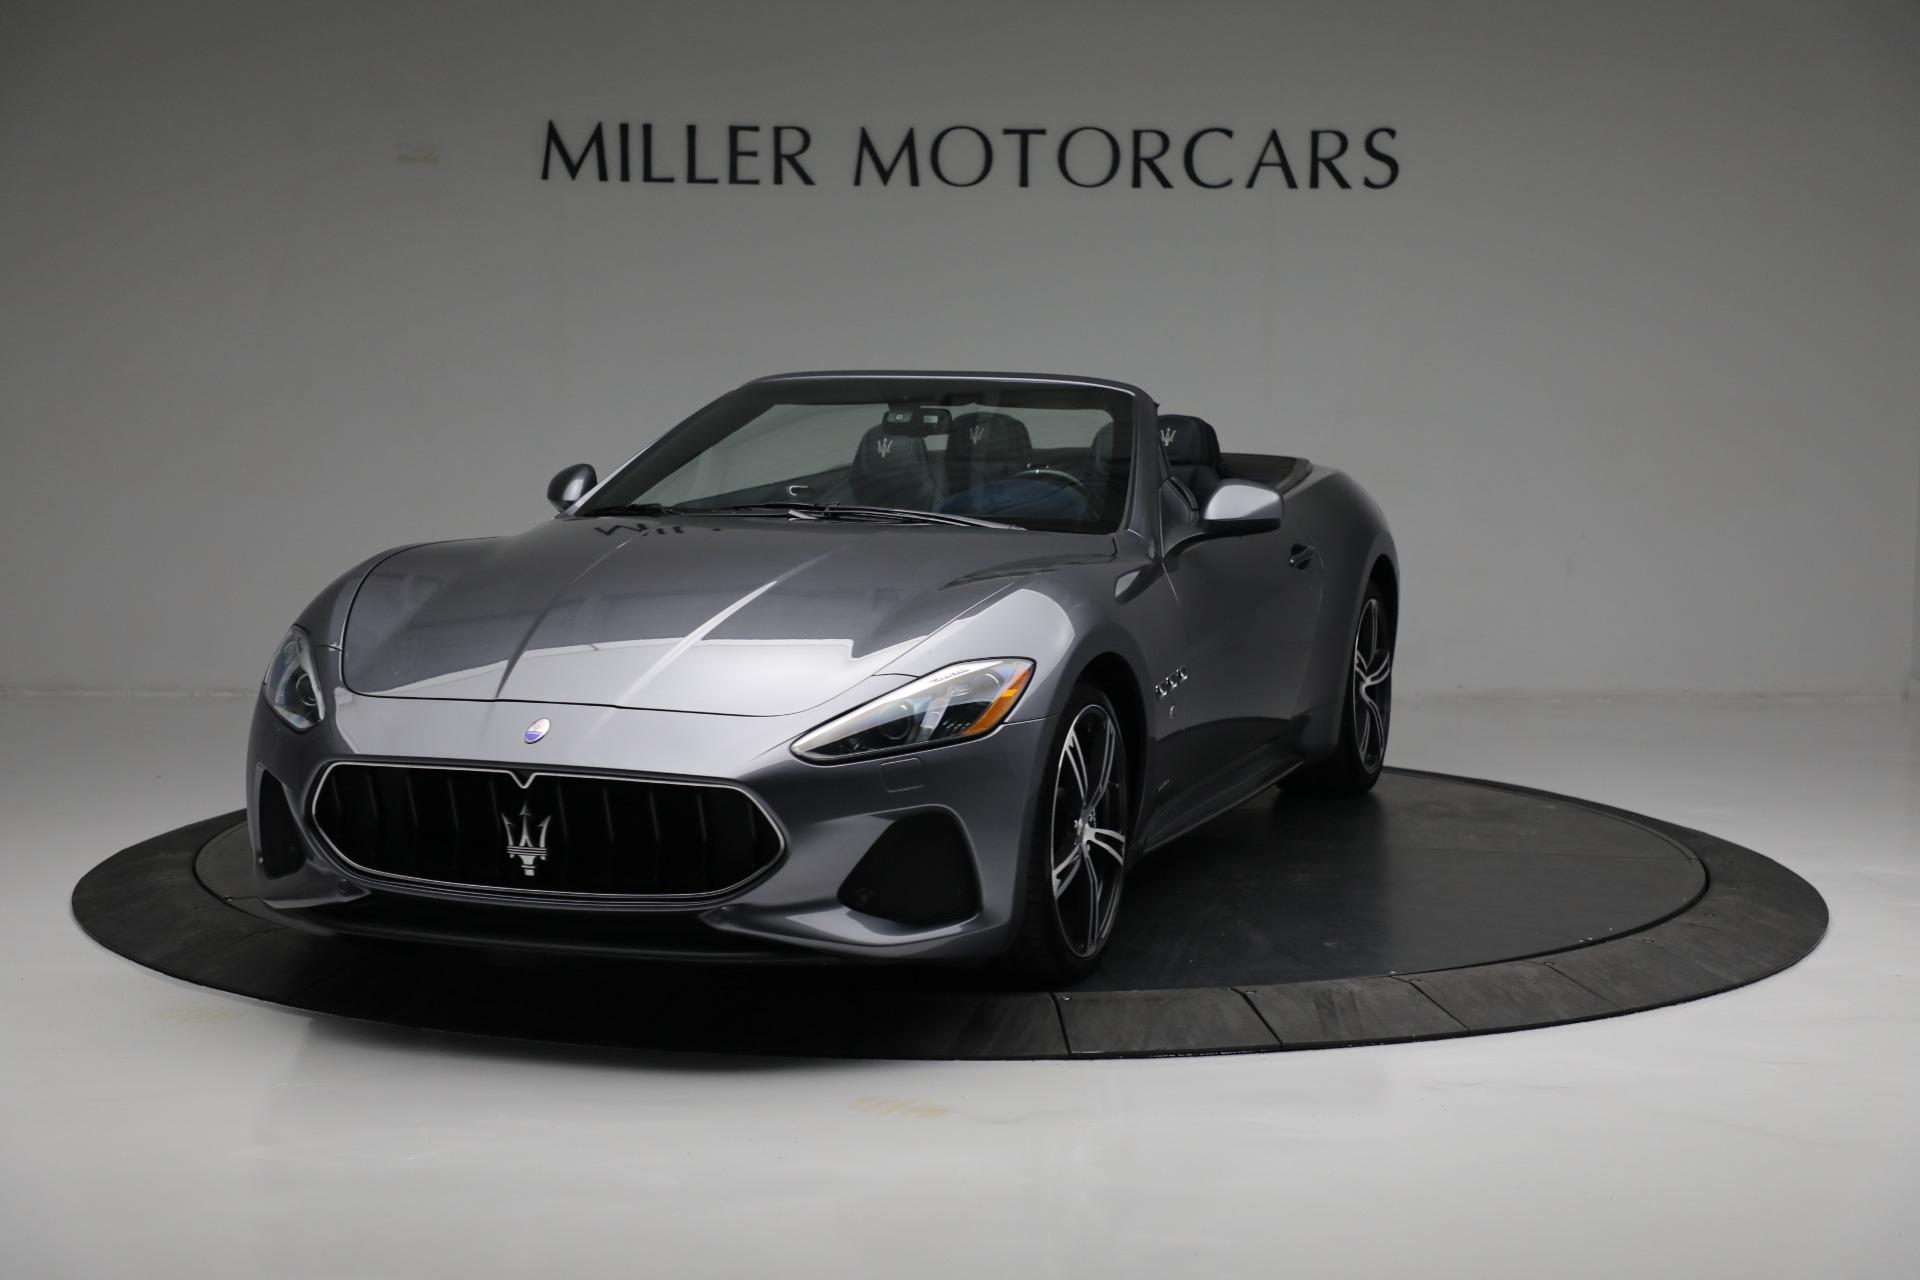 New 2018 Maserati GranTurismo Sport For Sale In Greenwich, CT 2240_main